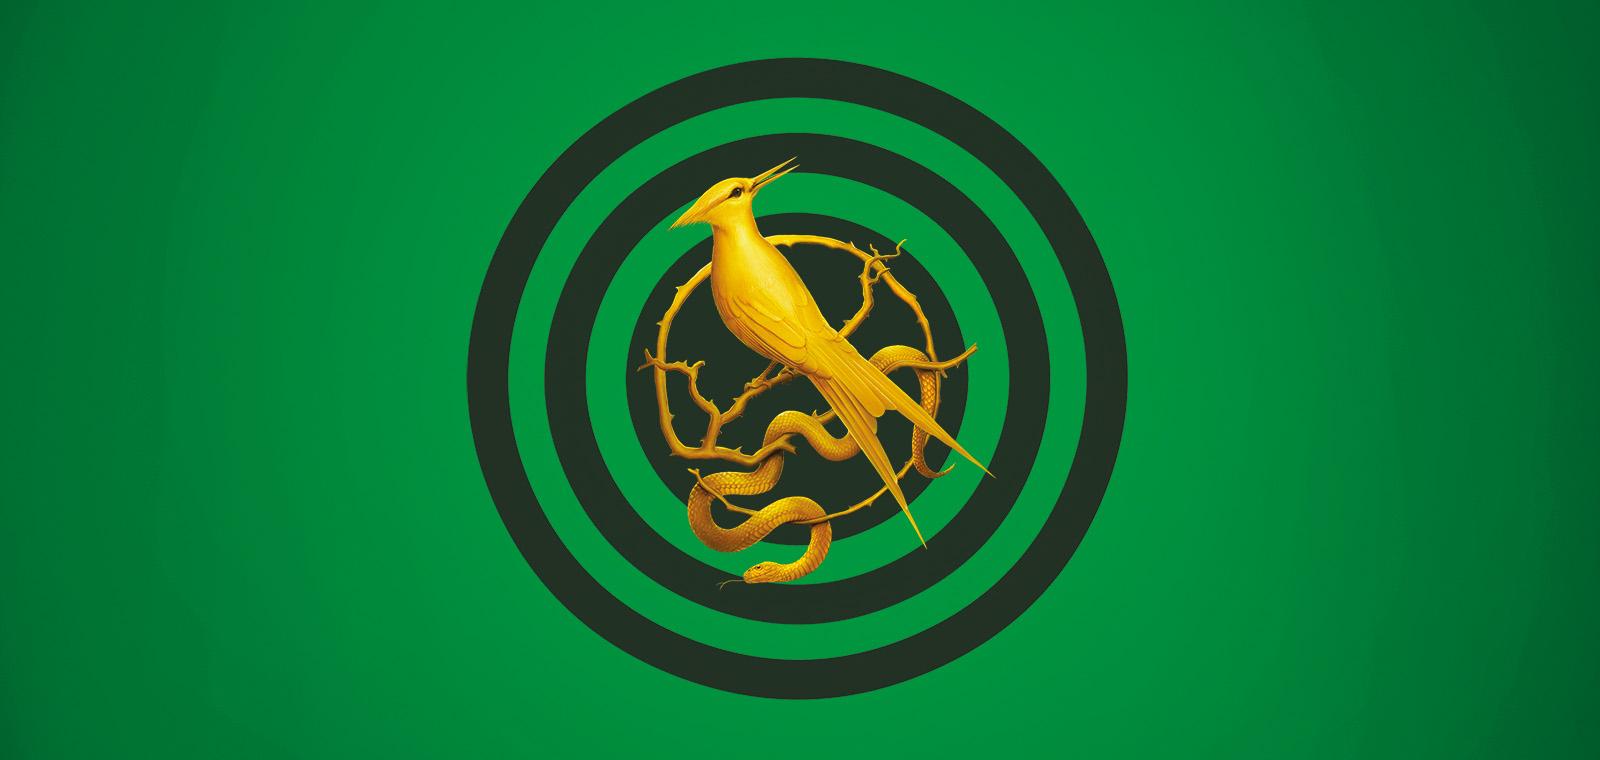 La produttrice e l'editore della Ballata dell'Usignolo e del Serpente parlano del prequel al NY Comic Con